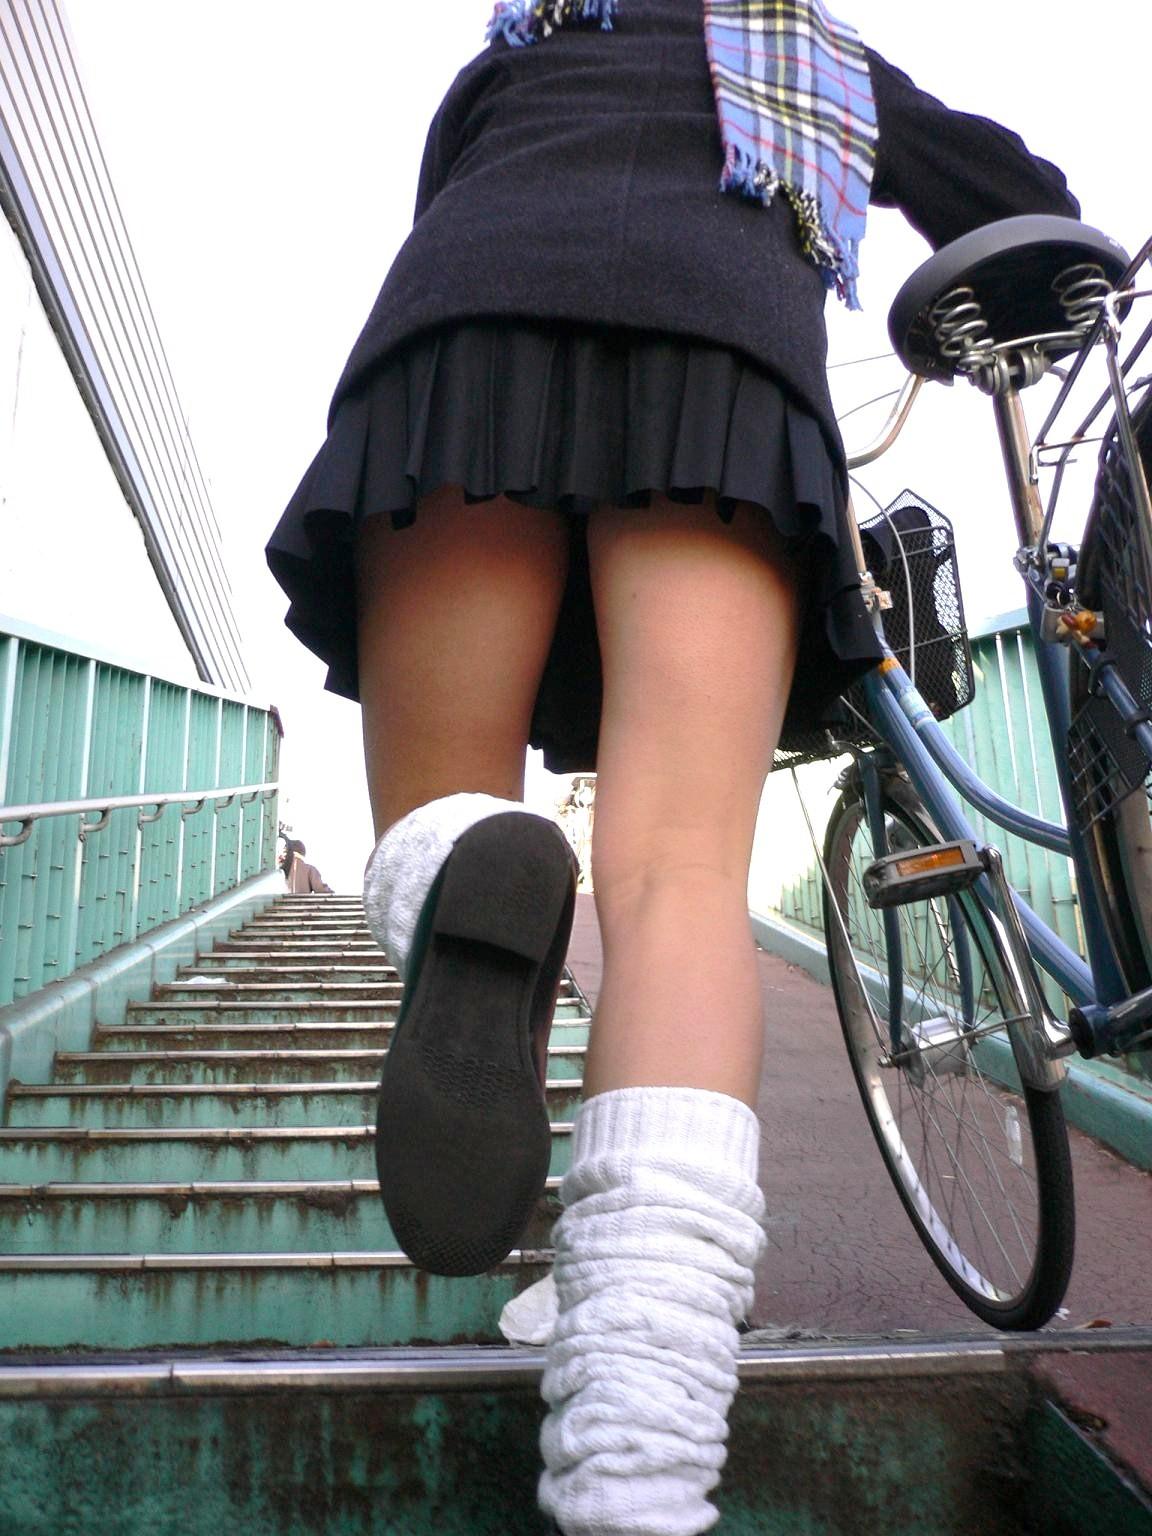 階段下jkパンティー下着を下から盗撮写メエロ画像14枚目